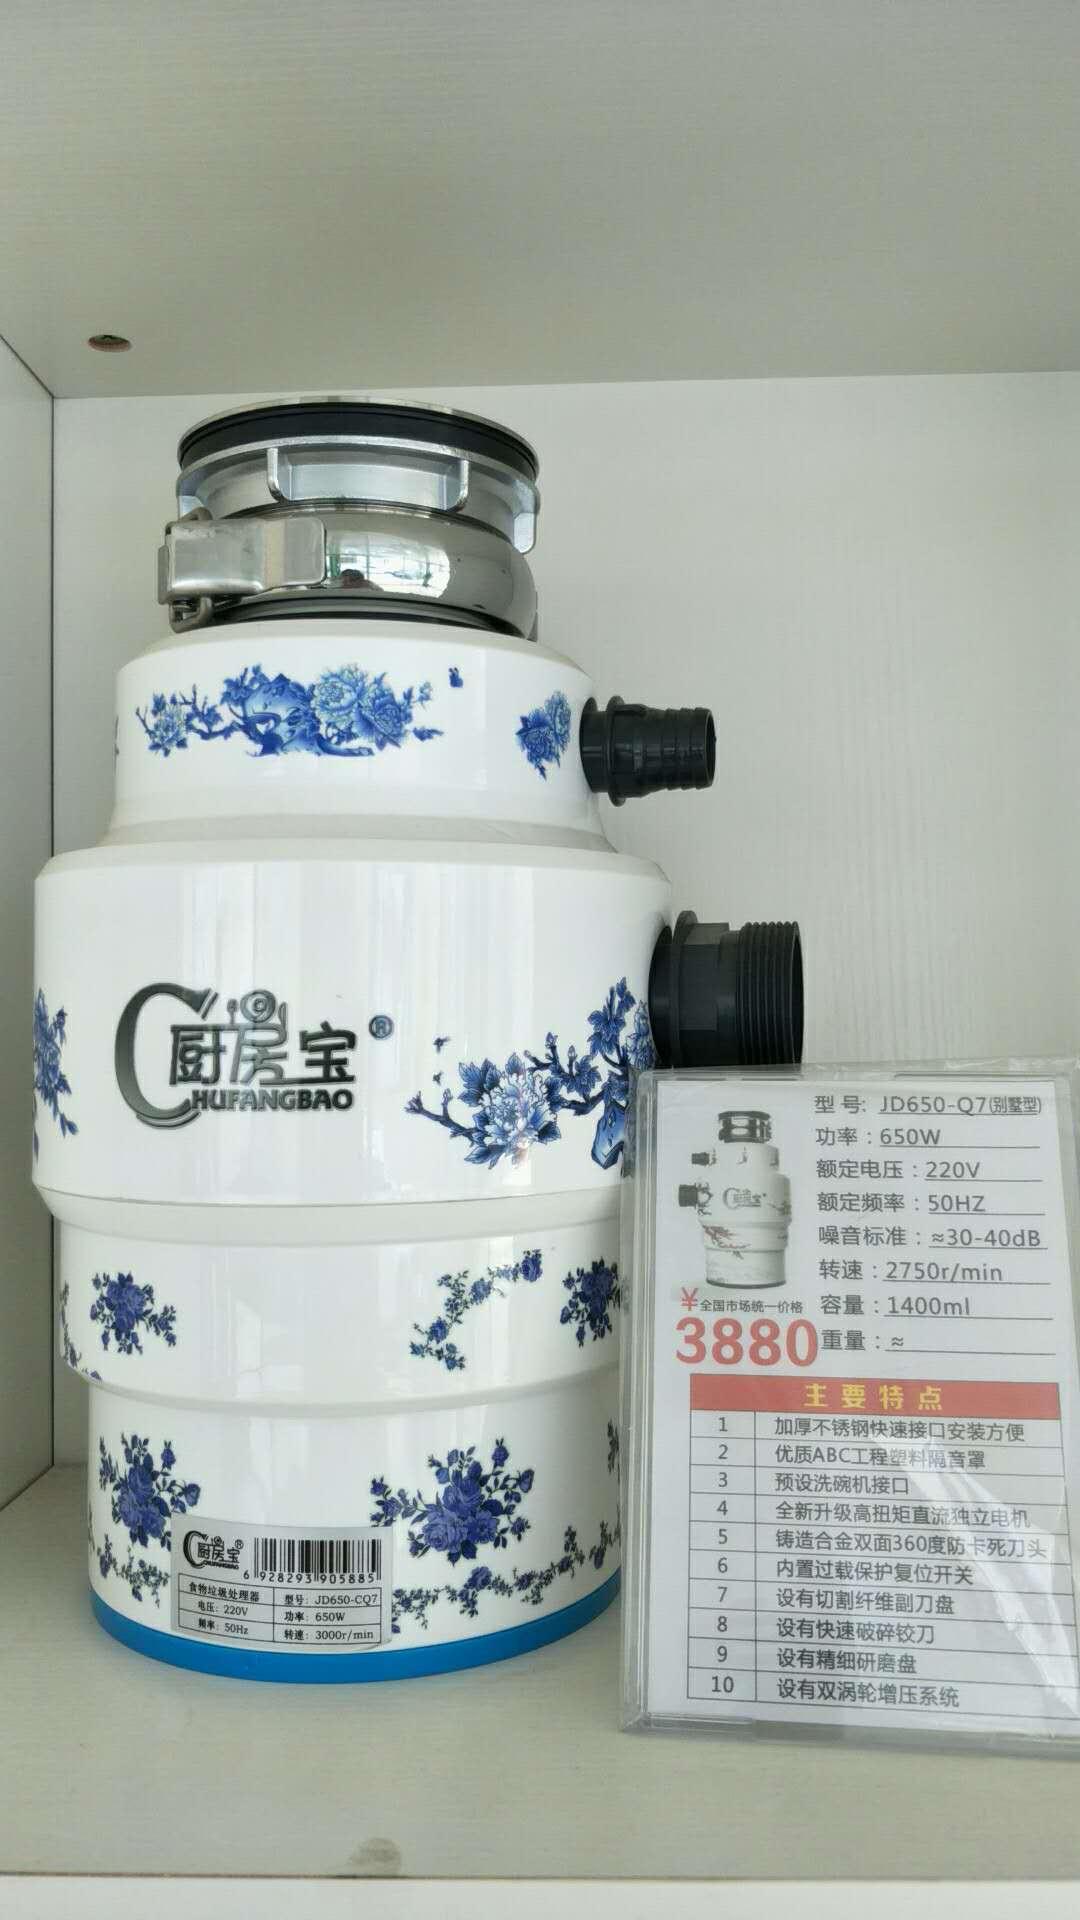 厨房清家用器供货商  厨房垃圾处理器厂家 食物清洁家用器   厨房清洁器 厨房分类清洁器  厨房分类清洁器